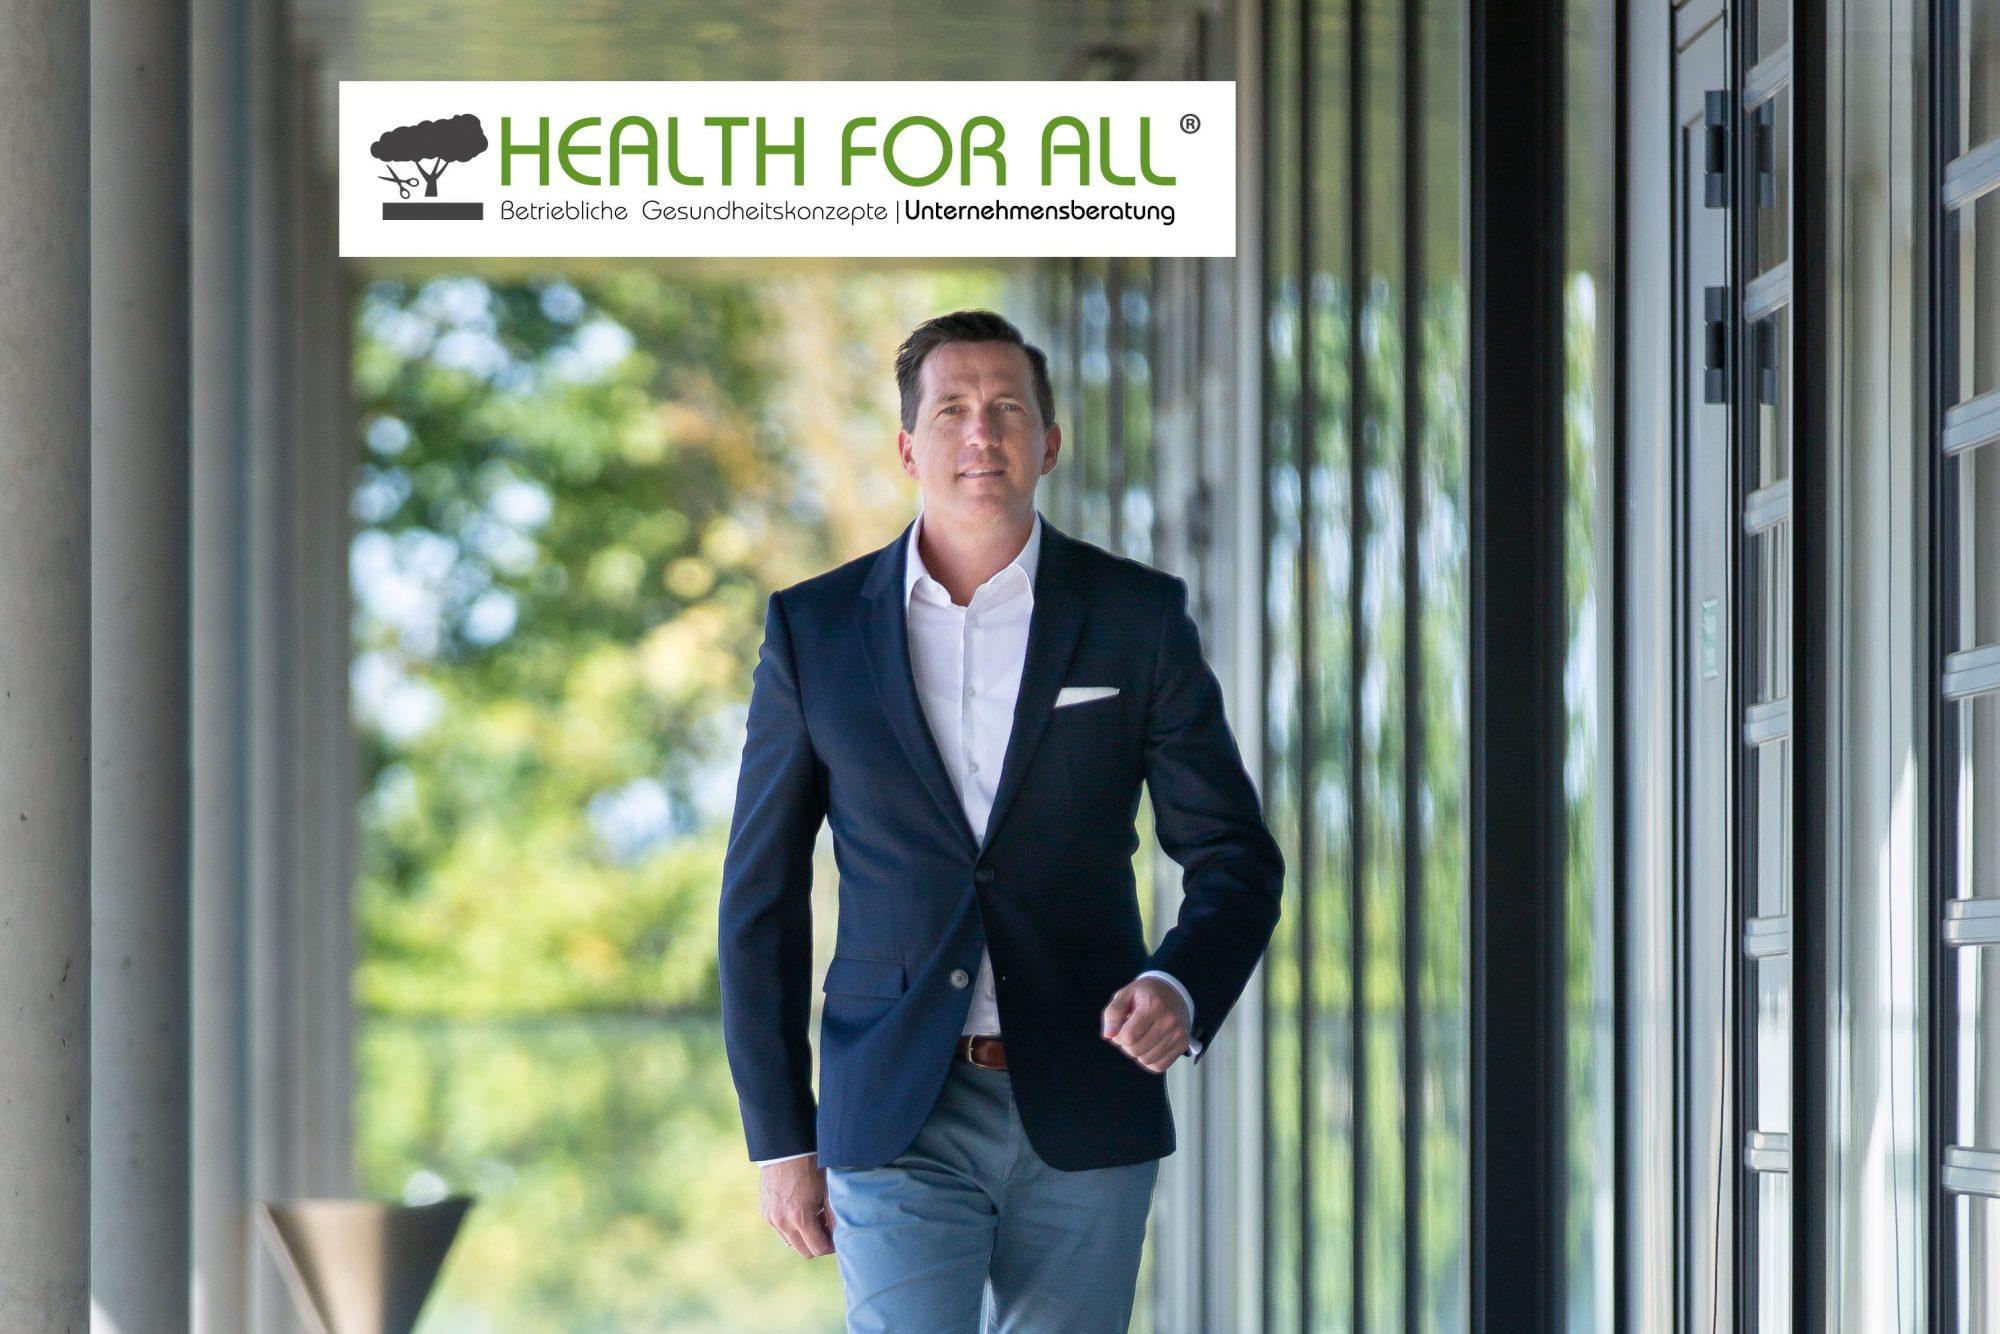 Unternehmer Marco Scherbaum HEALTH FOR ALL